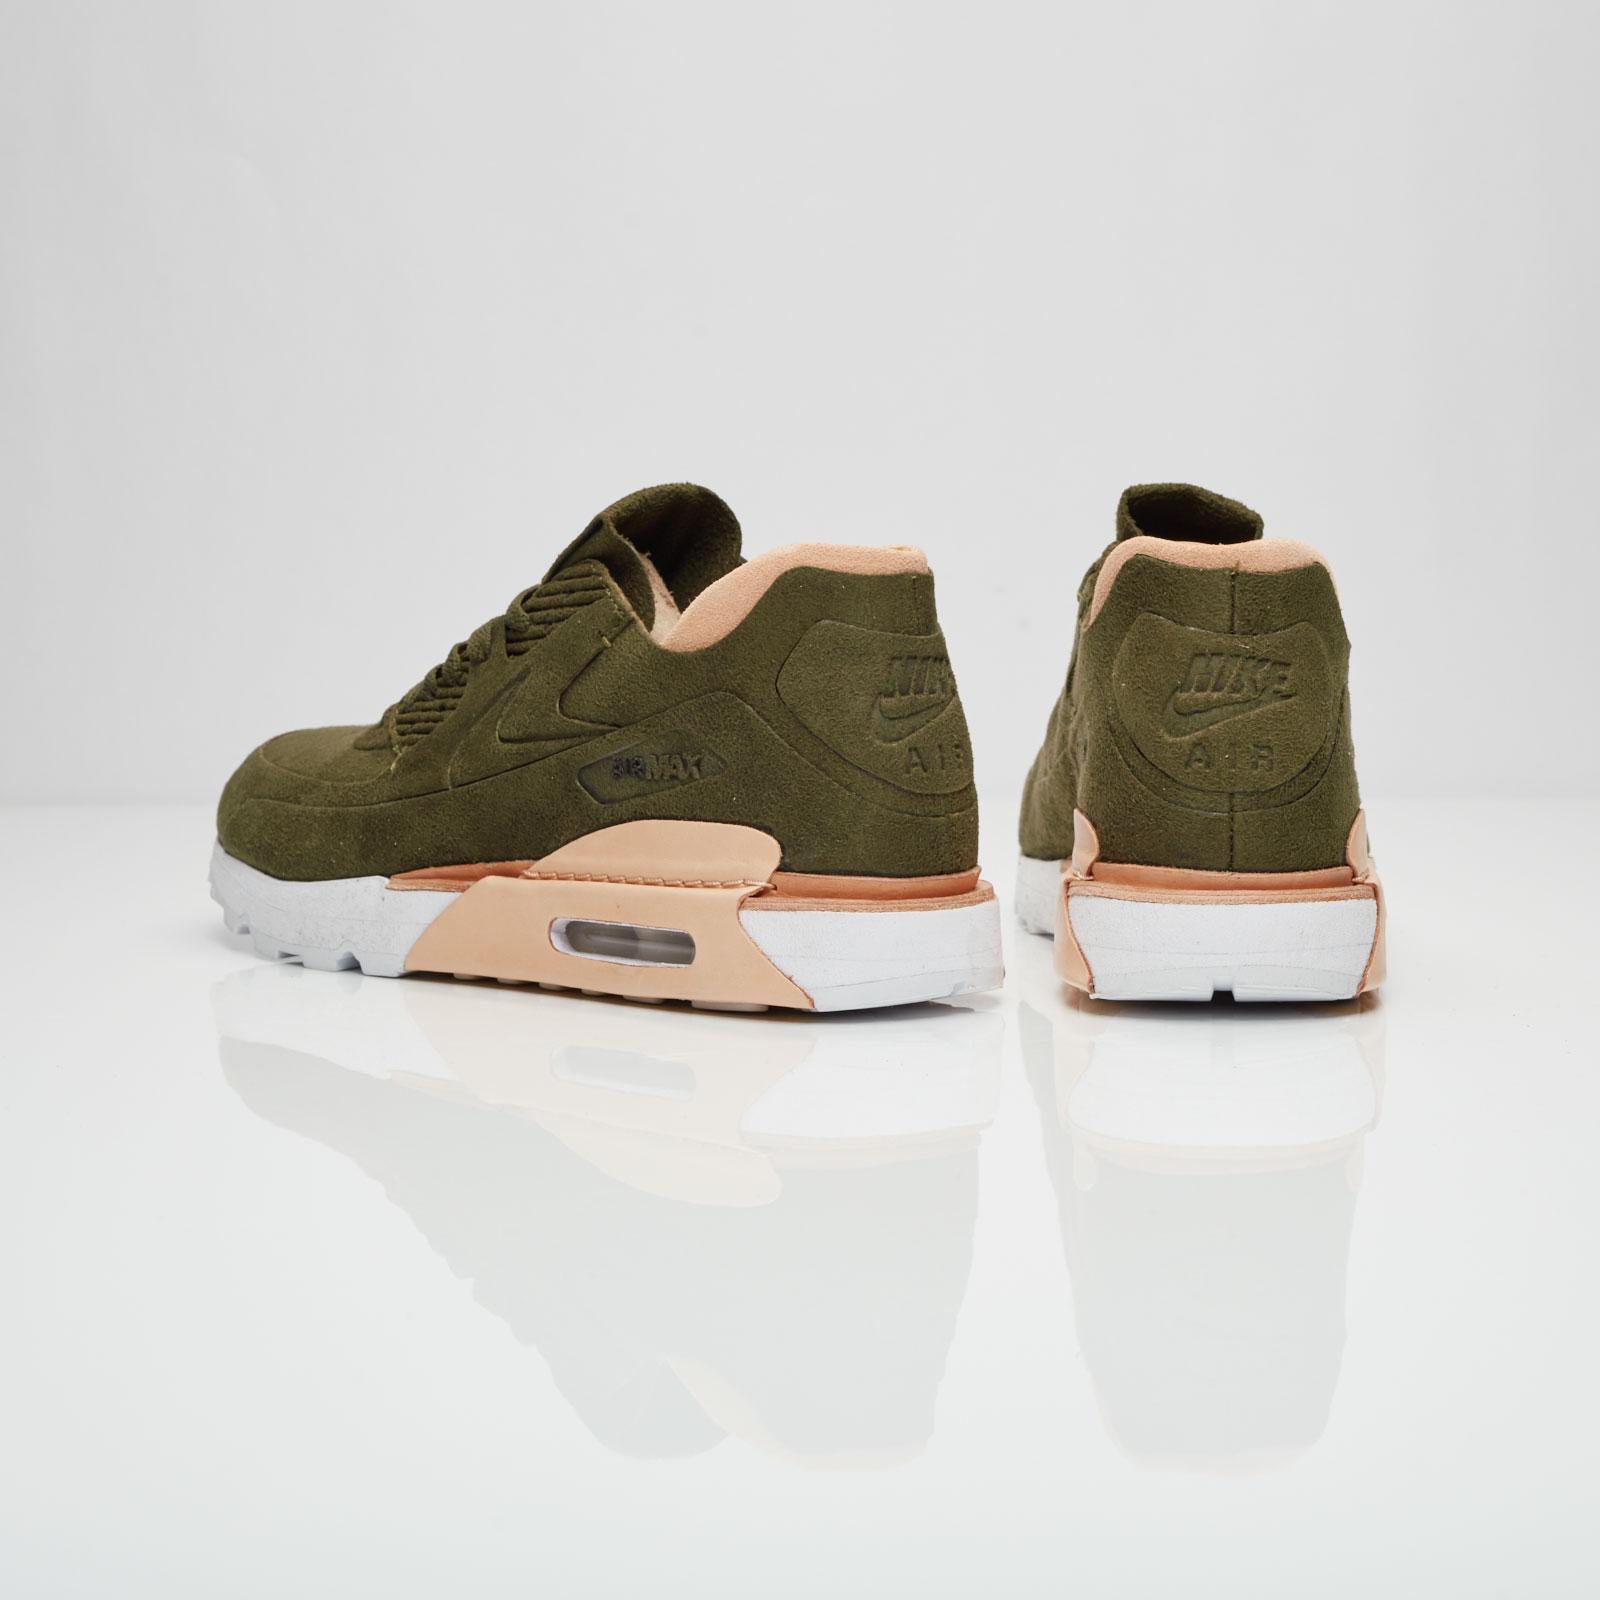 huge discount ff1d5 ad242 Nike Air Max 90 Royal - 885891-300 - Sneakersnstuff   sneakers   streetwear  online since 1999